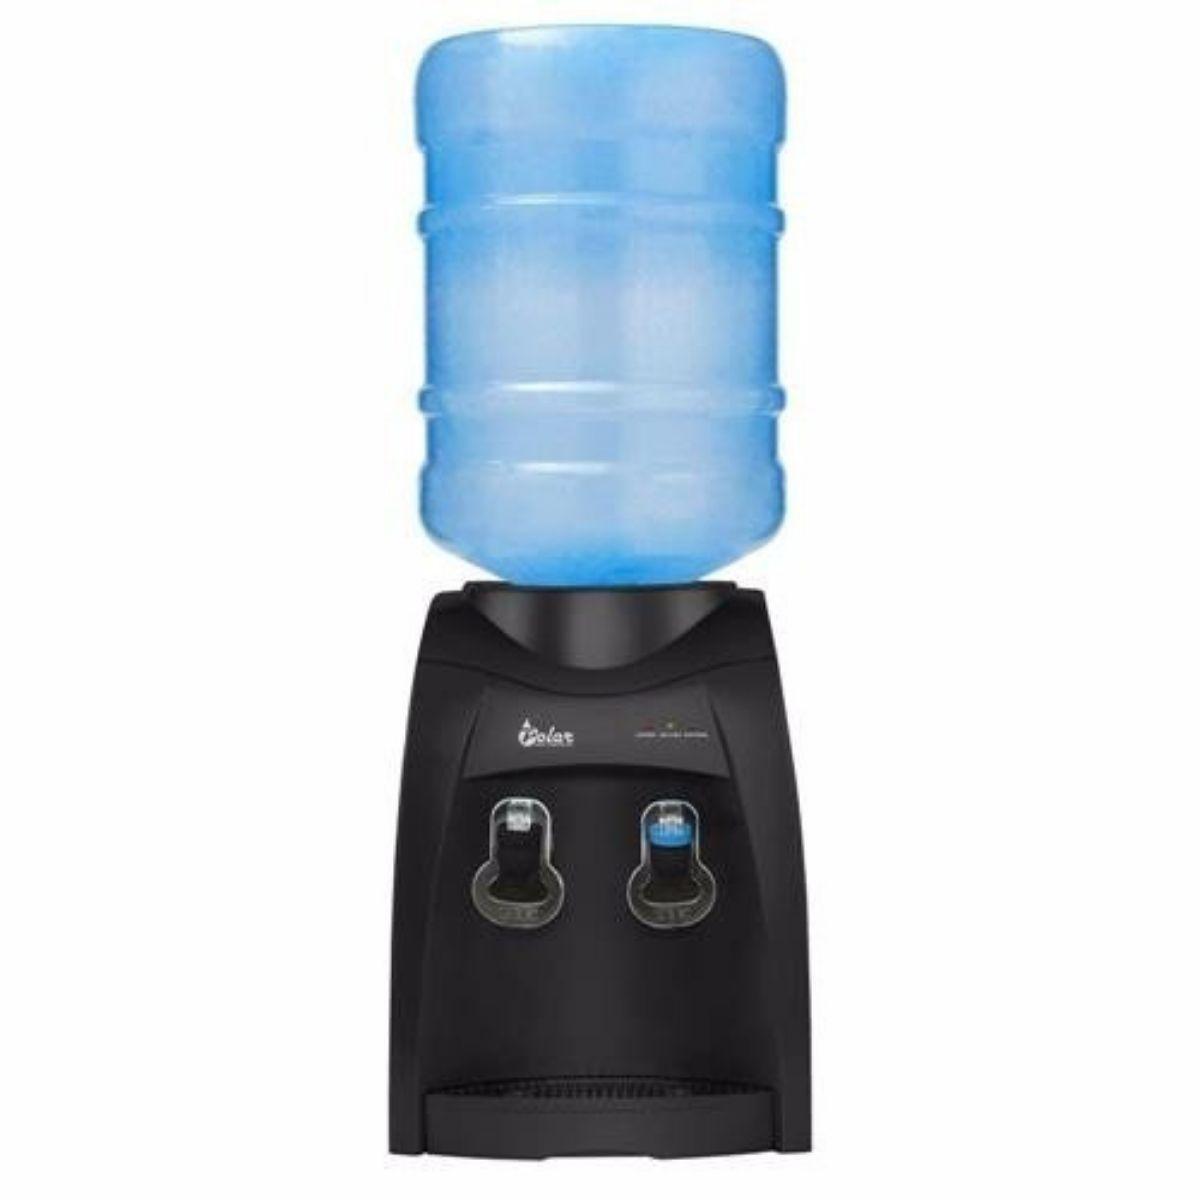 Bebedouro Eletrônico Água Natural E Gelada Refrigerado 110v Preto - FULLFILMENT